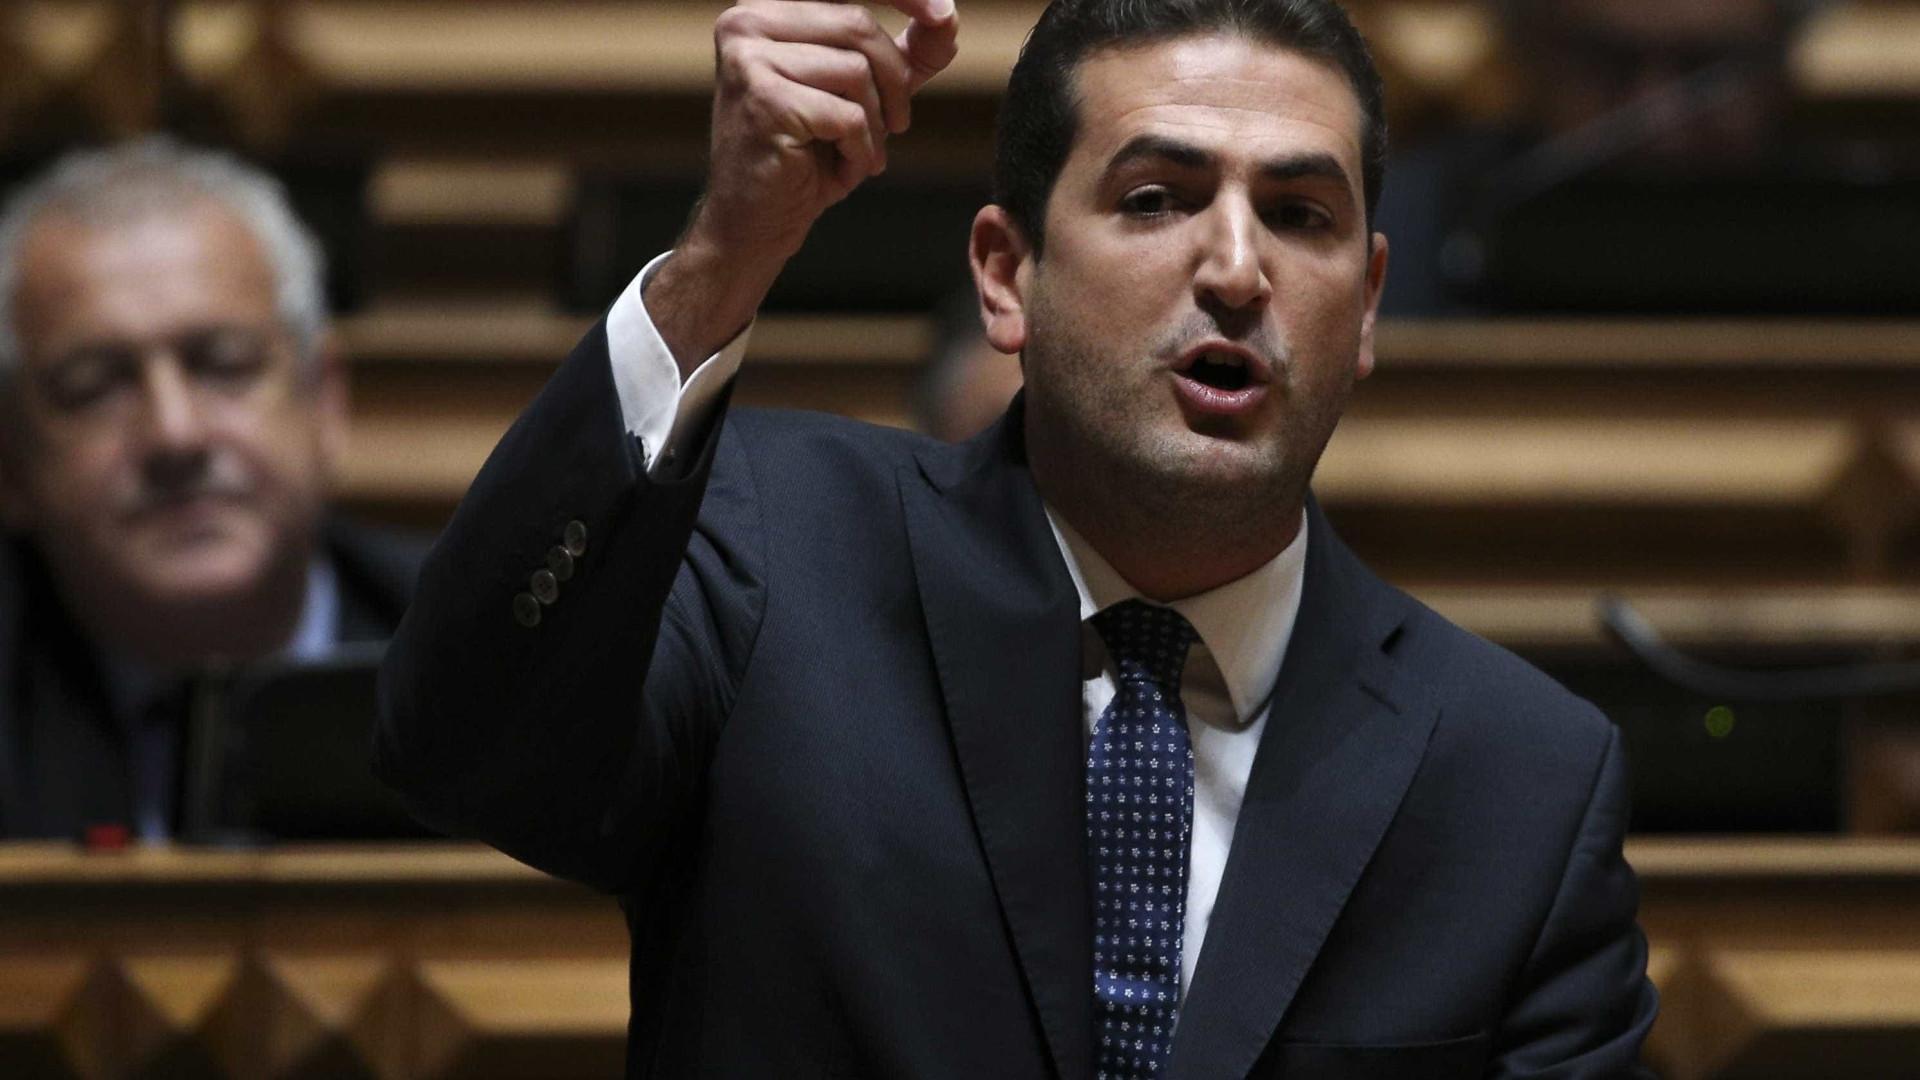 """PSD pede audição de Vieira da Silva """"com caráter de urgência"""""""